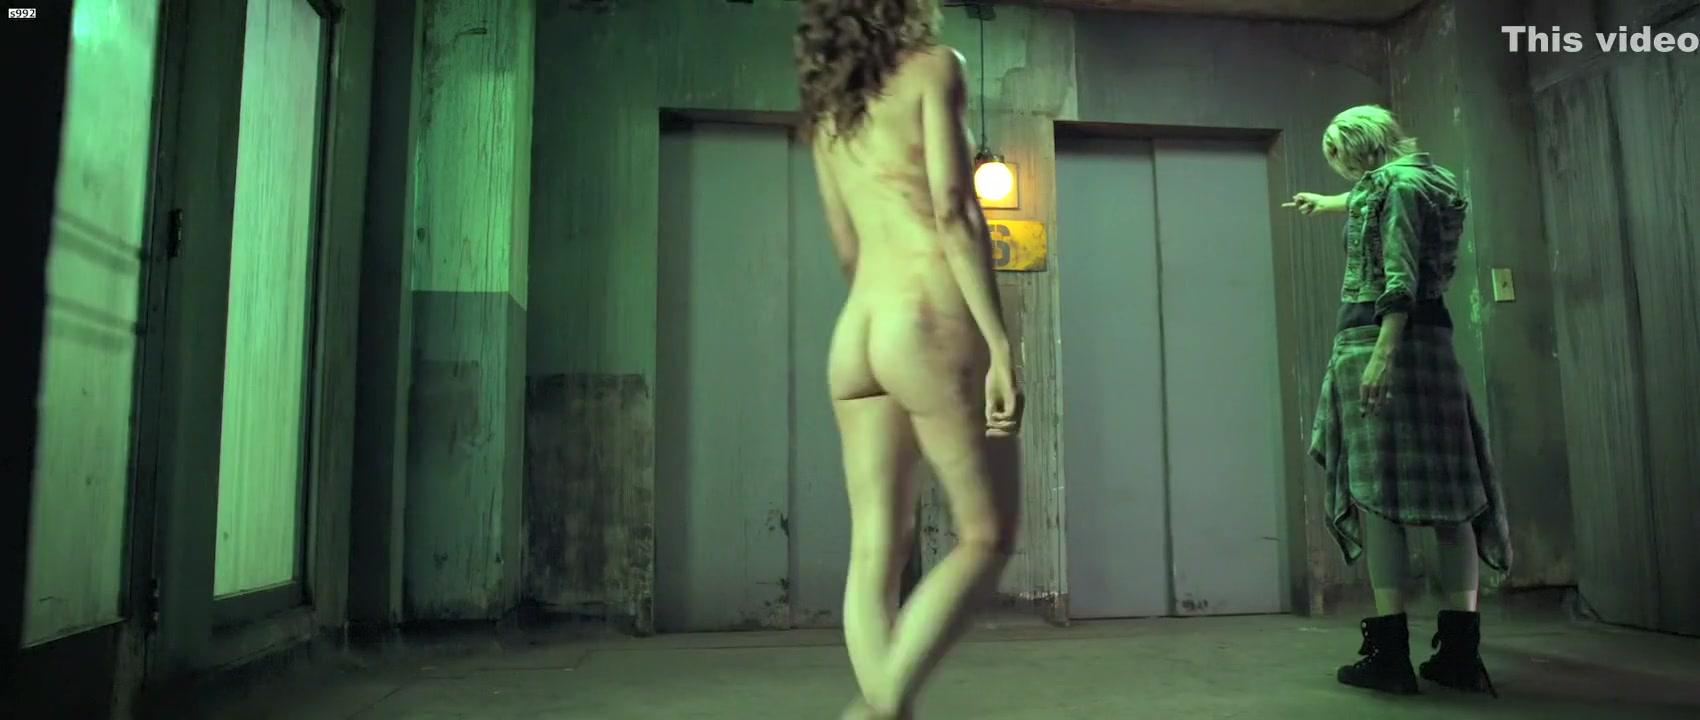 big tits handjob movies Naked xXx